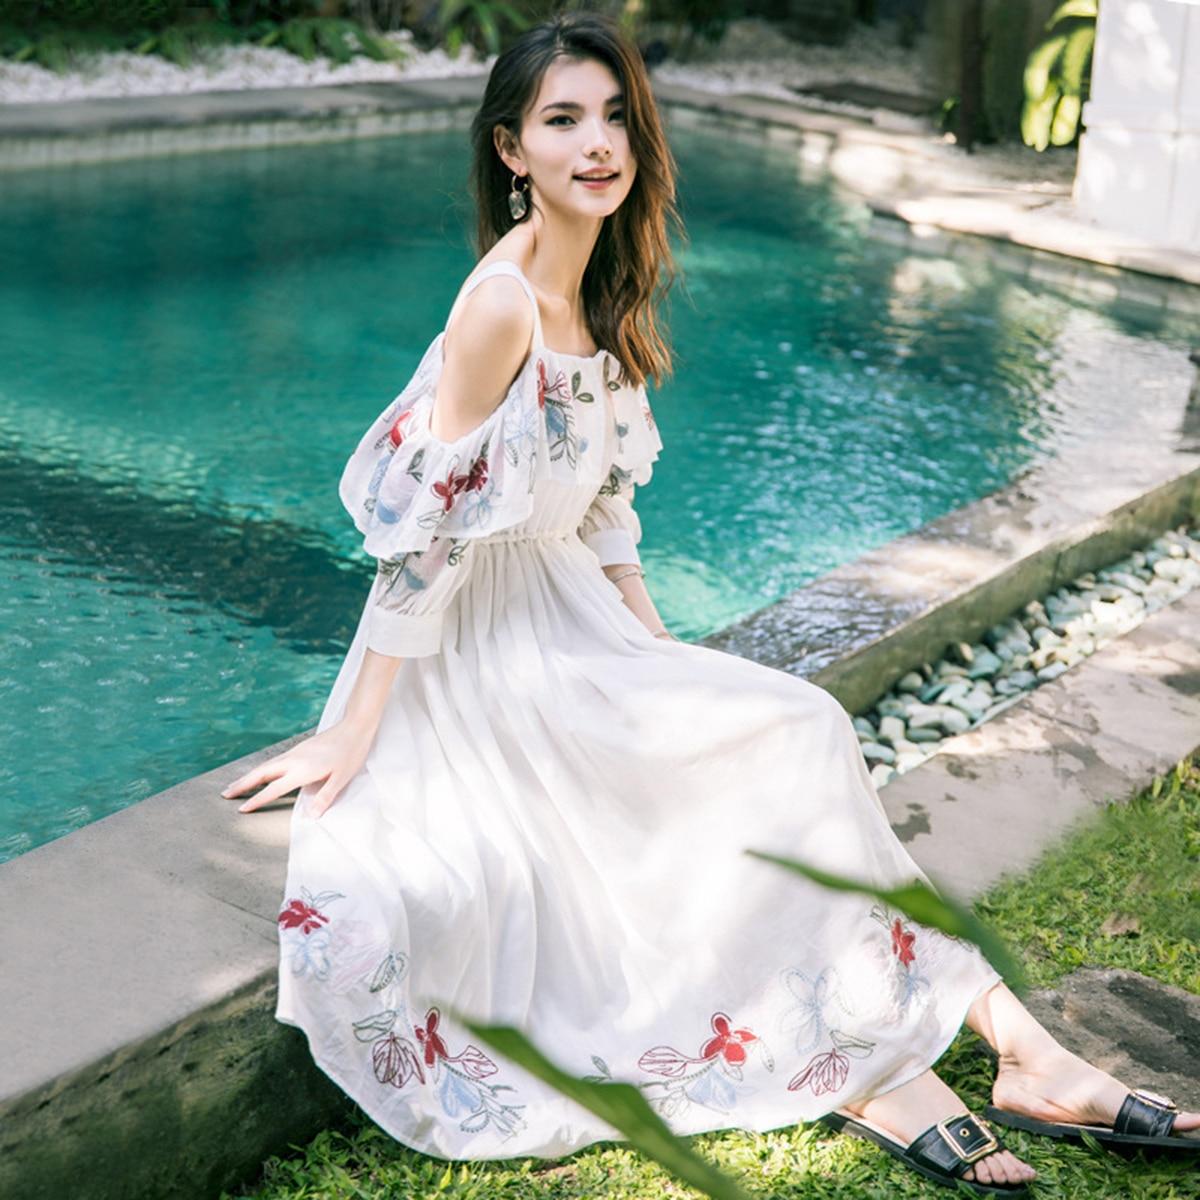 Jastie épaule dénudée robe d'été broderie nationale robes Vintage Boho Chic vacances robe plage femmes robes Vestidos